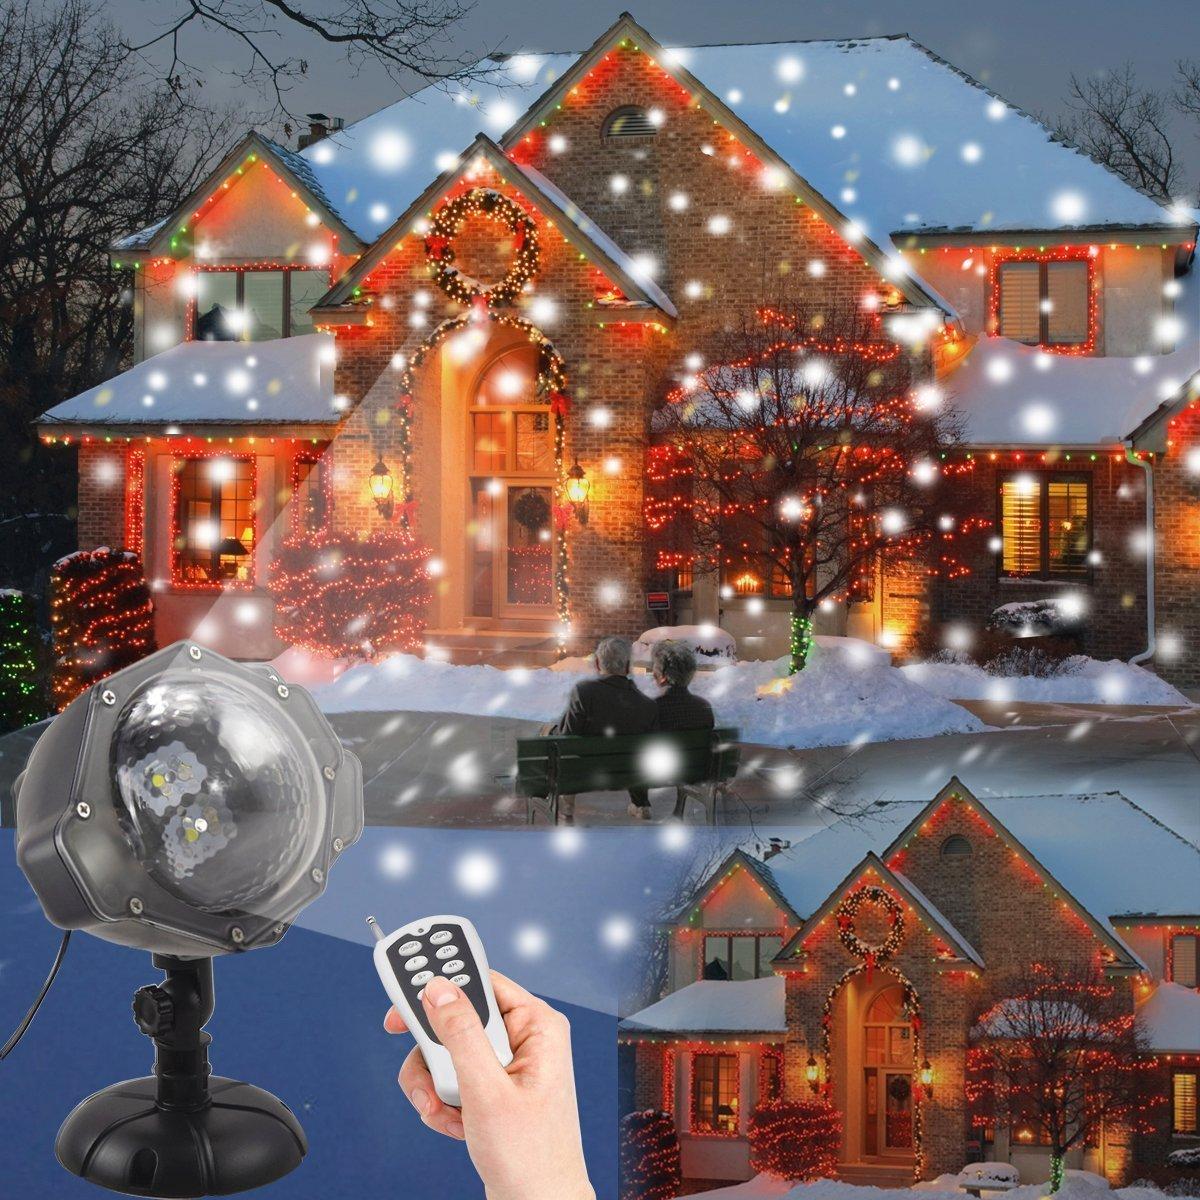 Weihnachtsbeleuchtung Aussen Led Projektionslampe JEENSO Mit Fernbedienung Schneefall Licht Weiße Schneeflocke Sie Können den Modus ändern Wasserdicht Landschaft Projektor Lampe DYDYLU DY-103